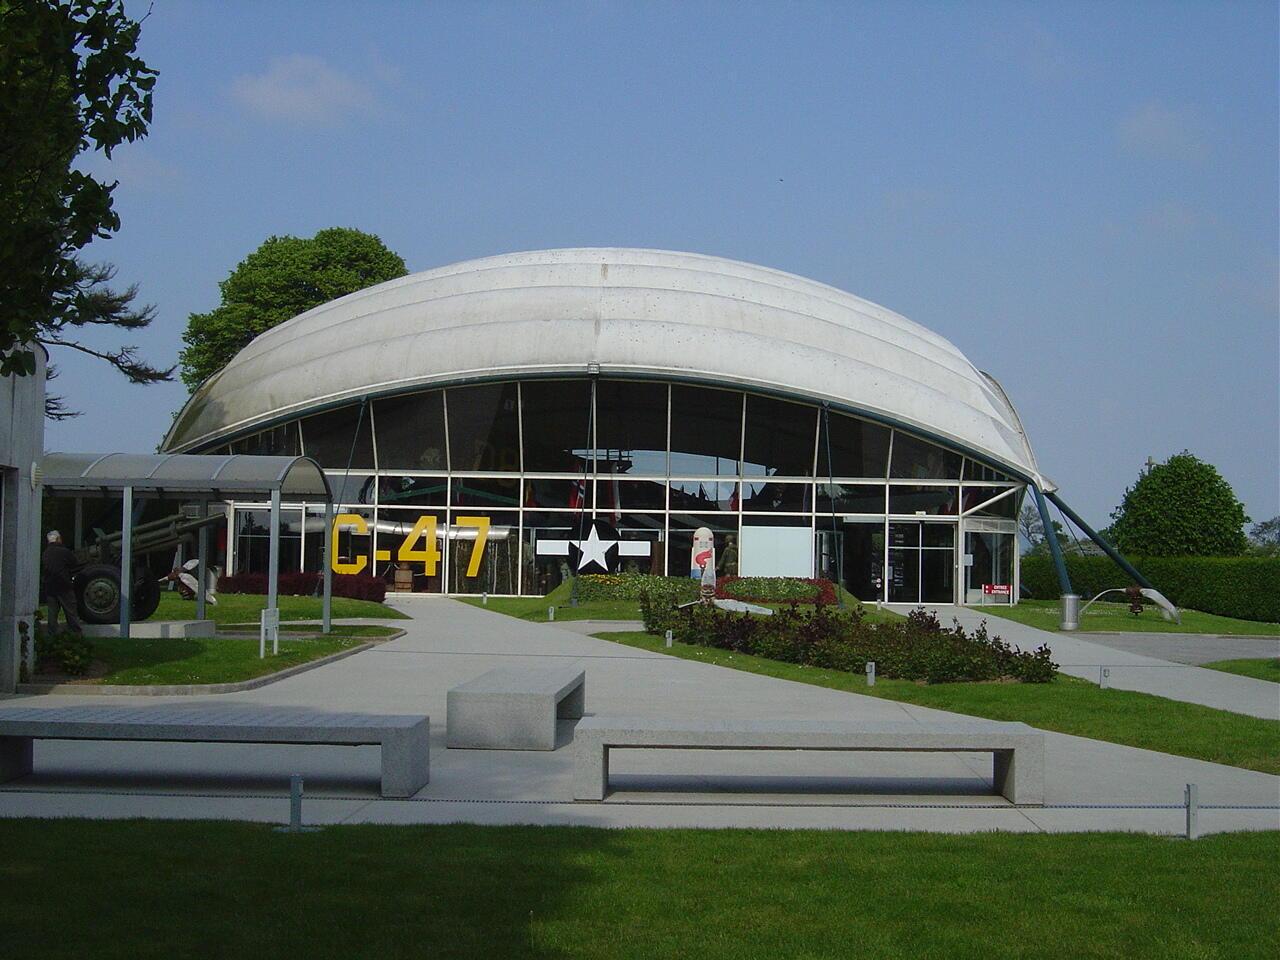 Основной павильон Музея парашютно-десантных войск в Сент-Мер-Эглиз